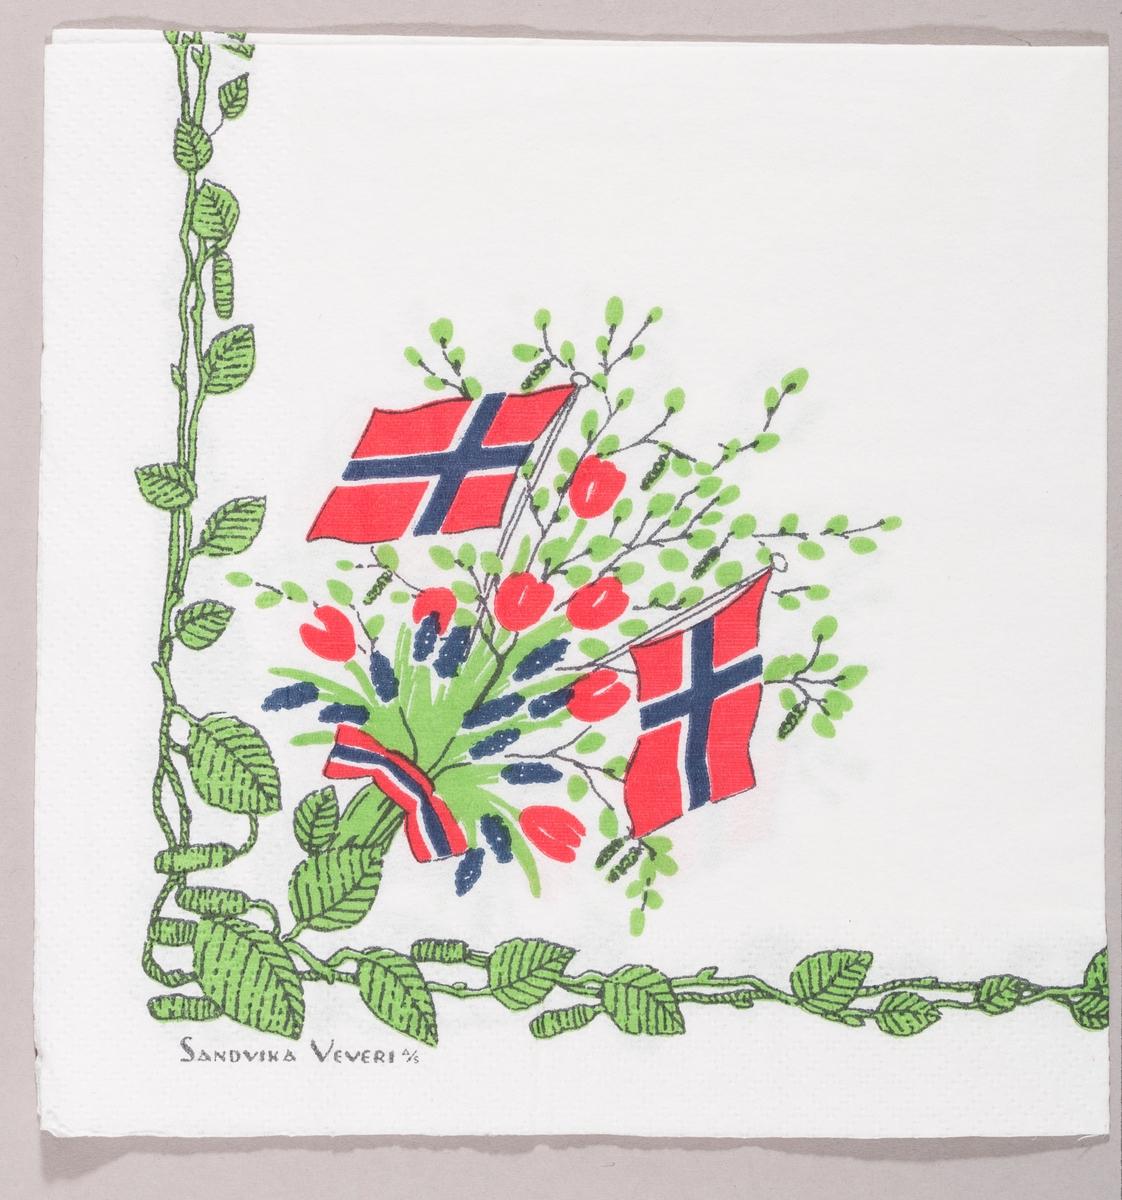 To norske flagg i en bukett med grønne bjørkegrener og røde og blå blomster. En bord med grønne blader og rakler.